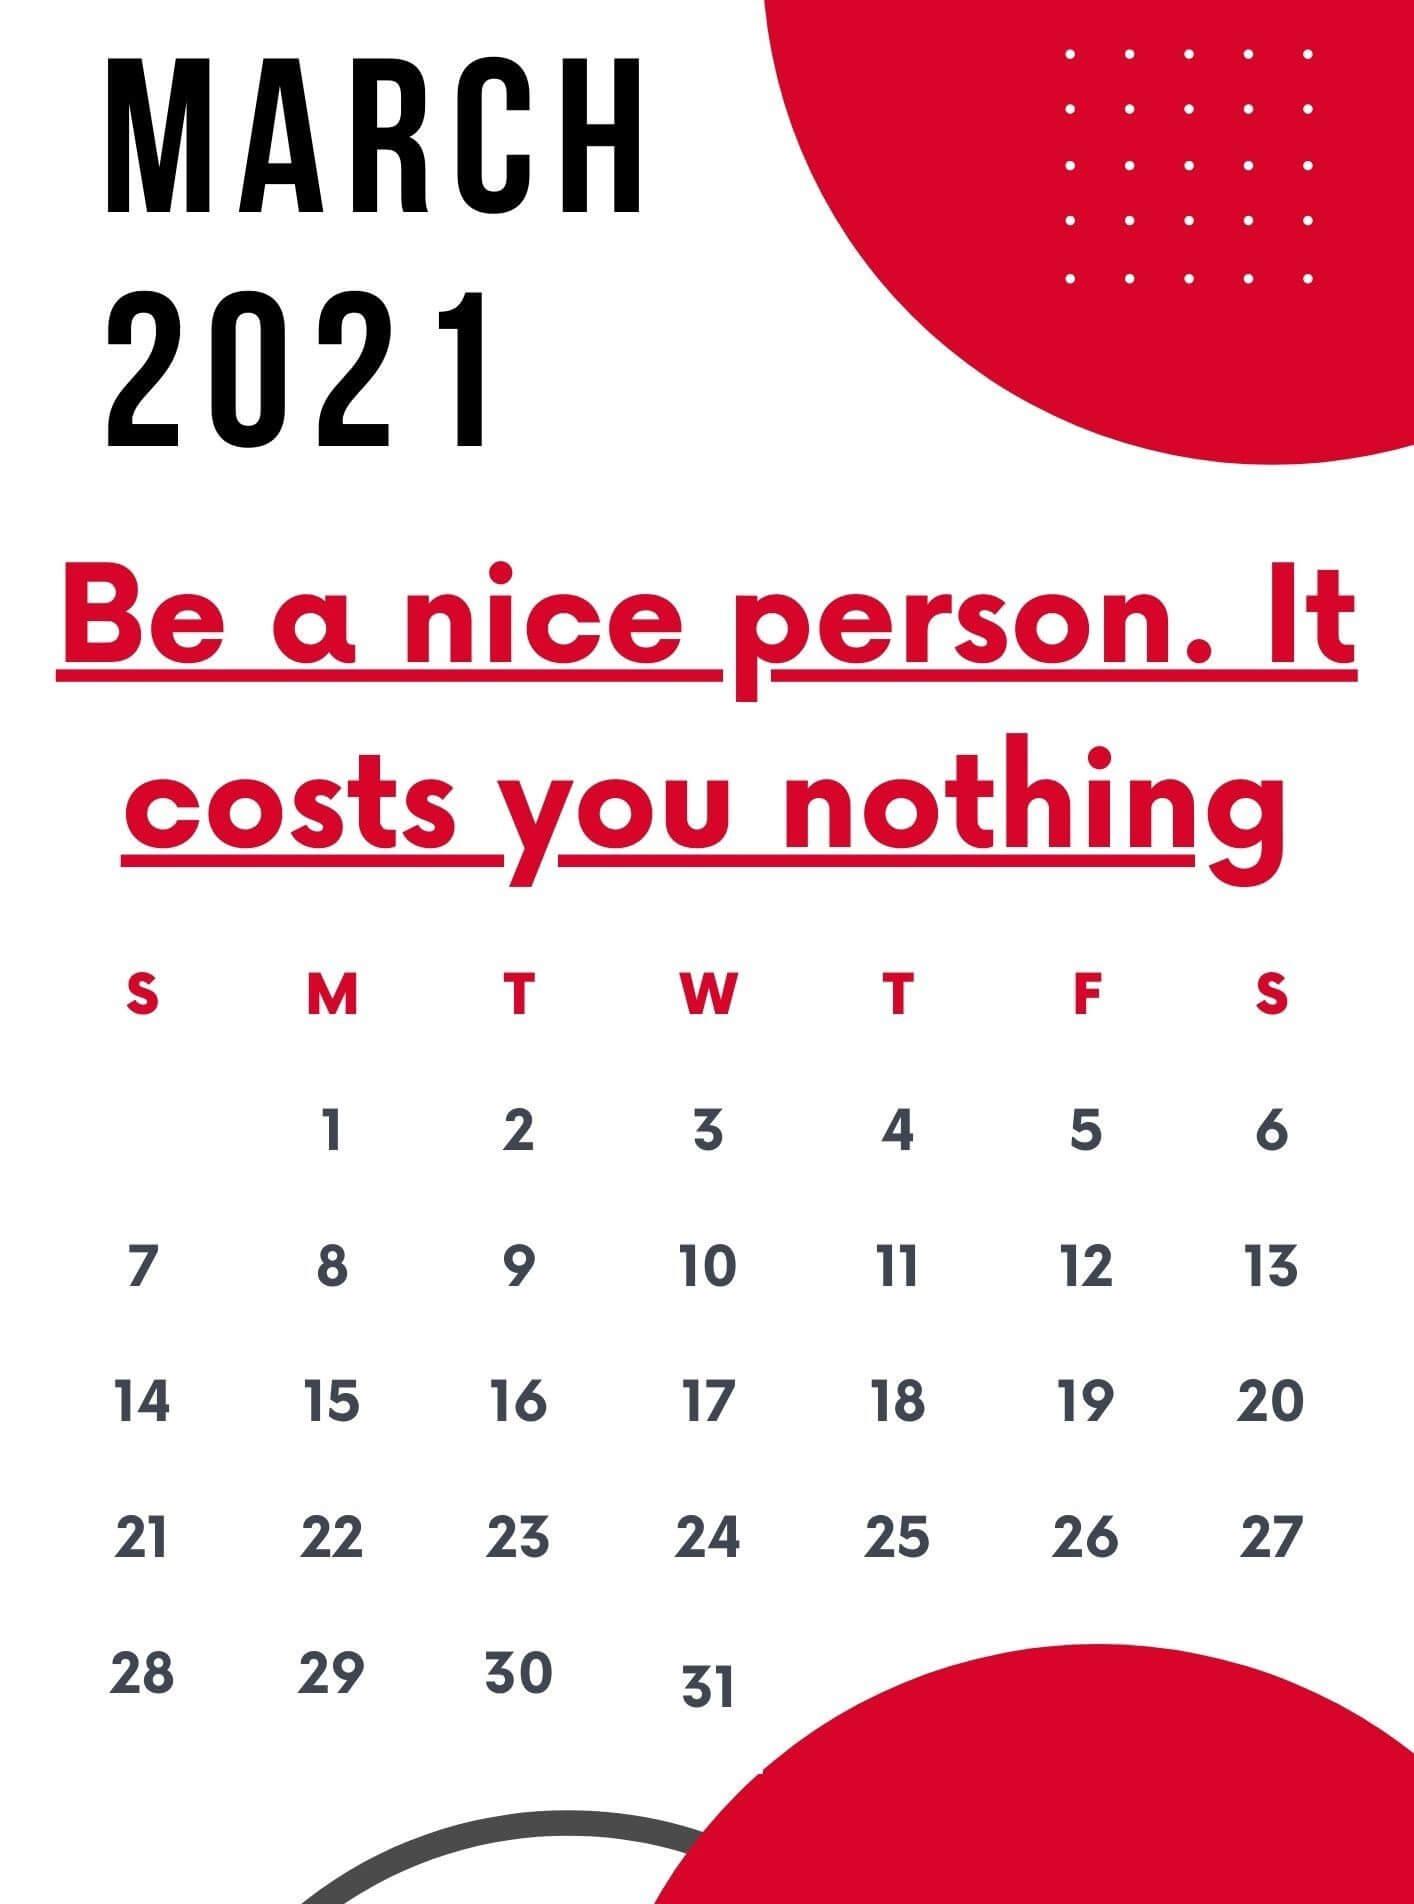 Motivational March 2021 Calendar